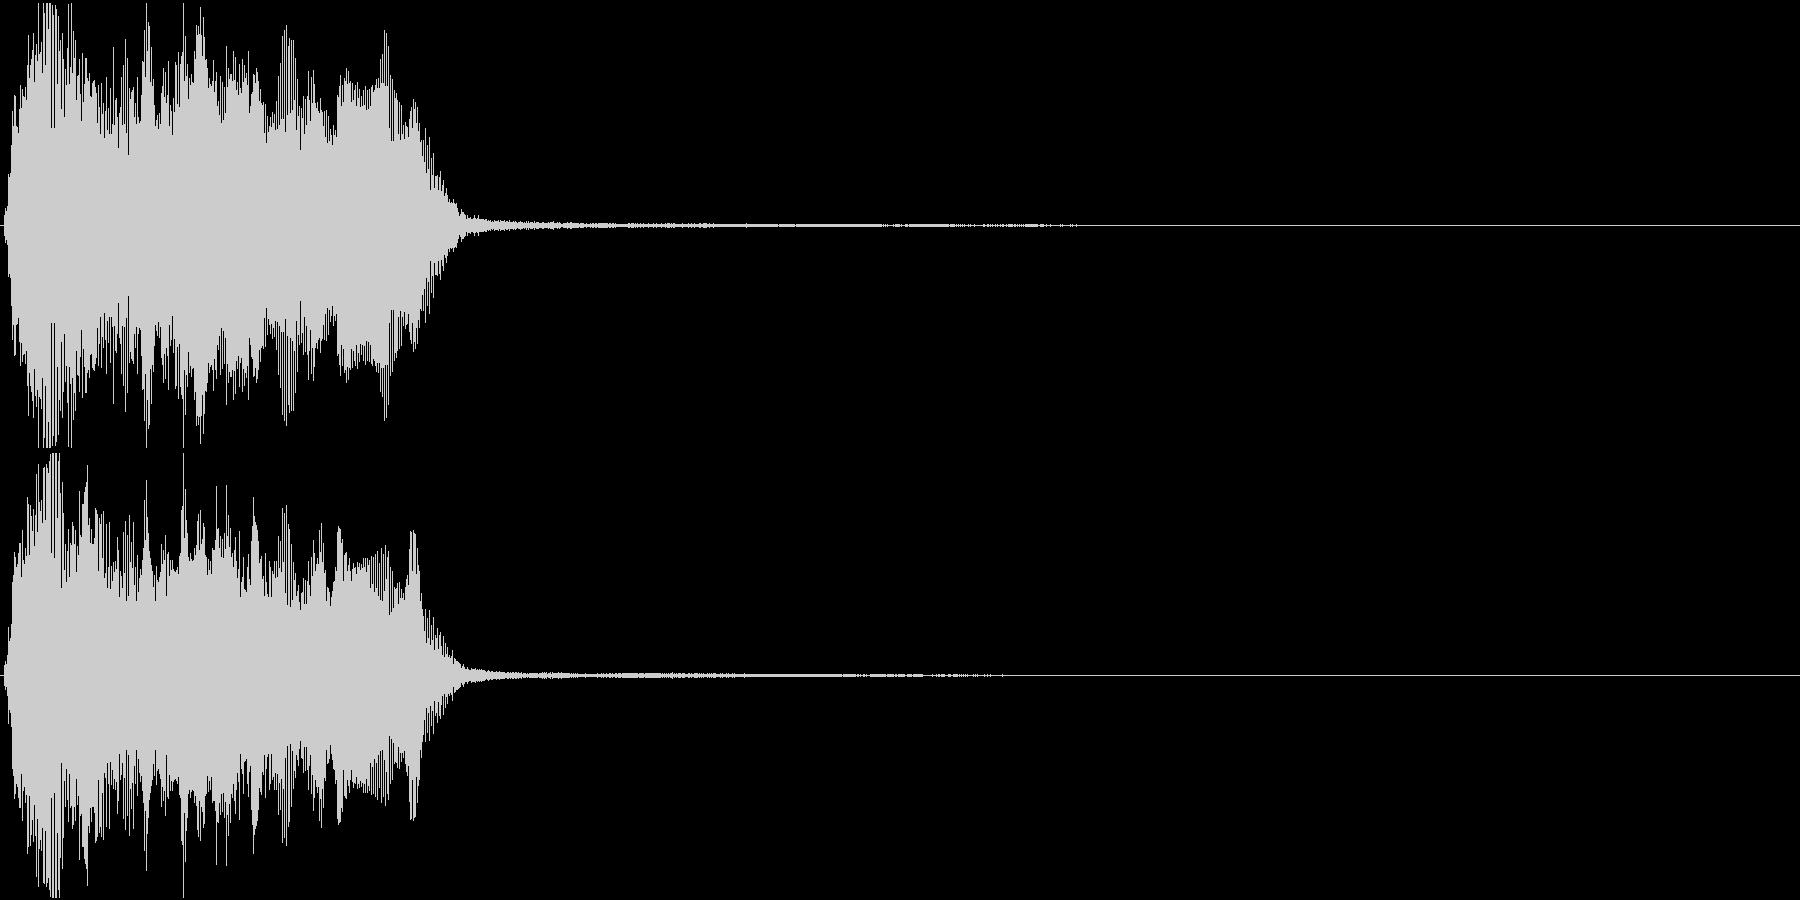 トランペット ファンファーレ 定番 9の未再生の波形